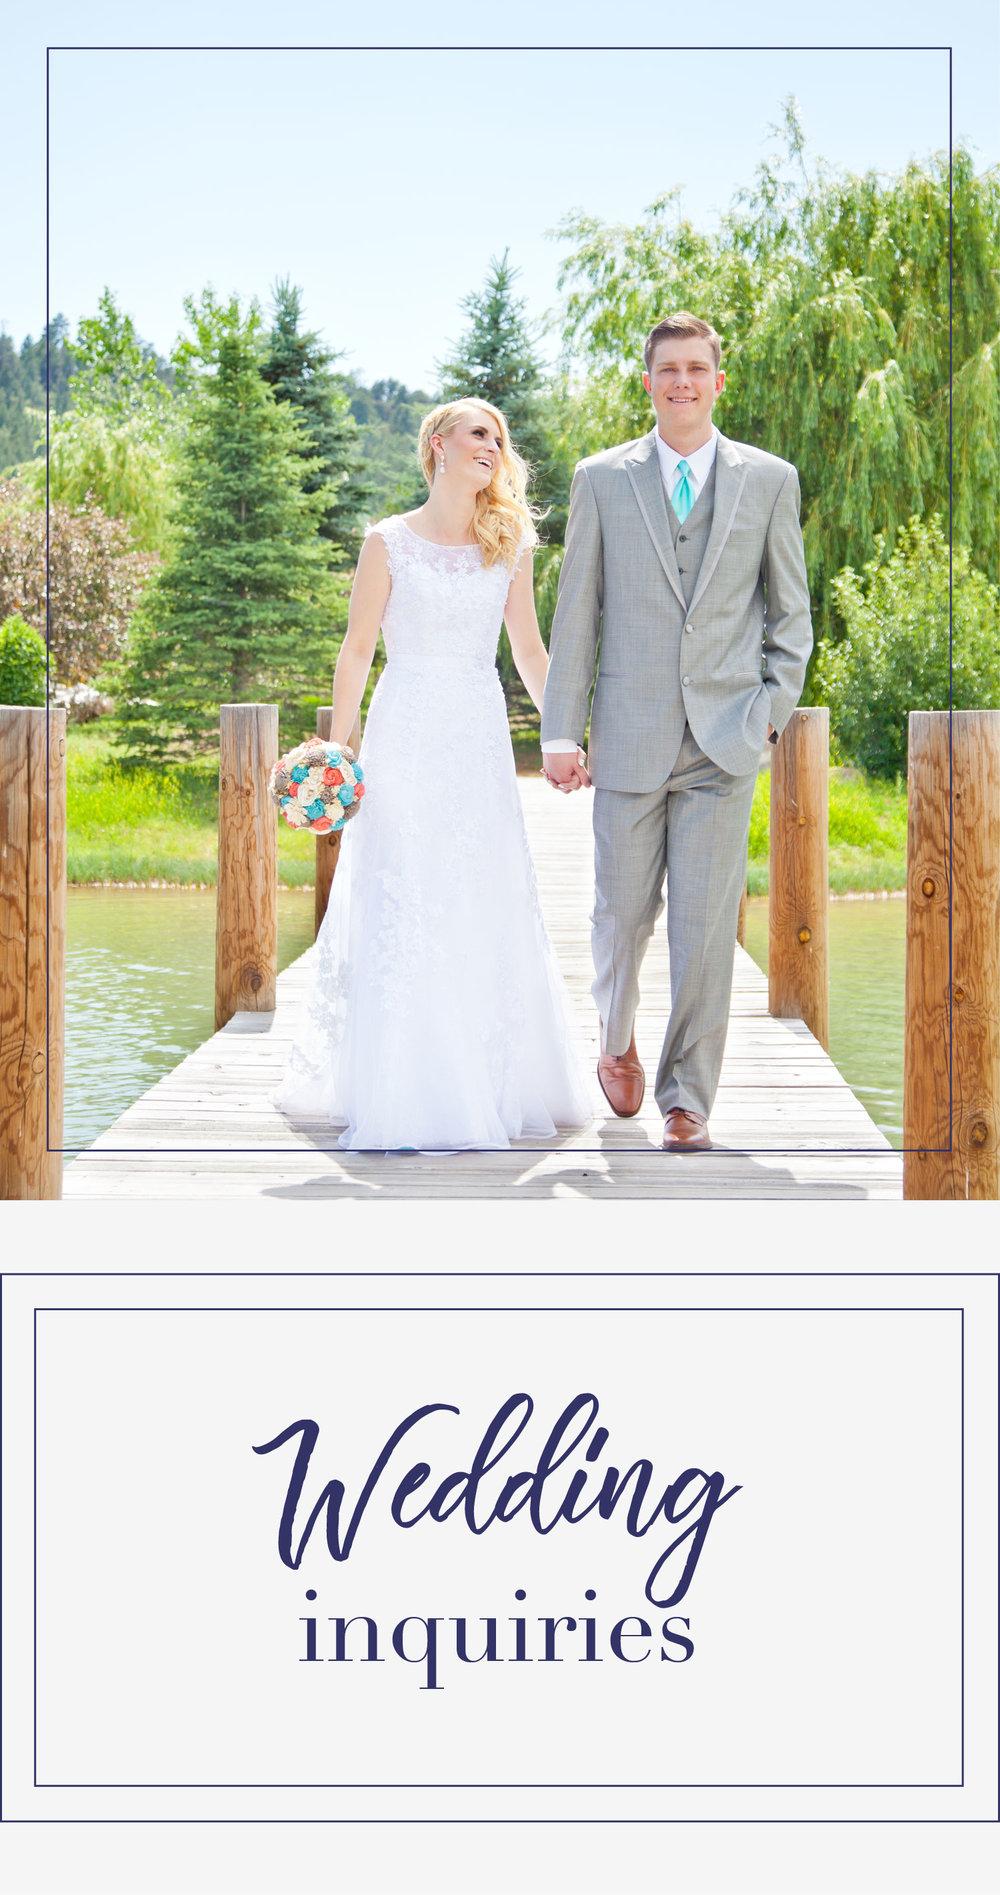 Teresa-Valencia-Photography-wedding-contact.jpg